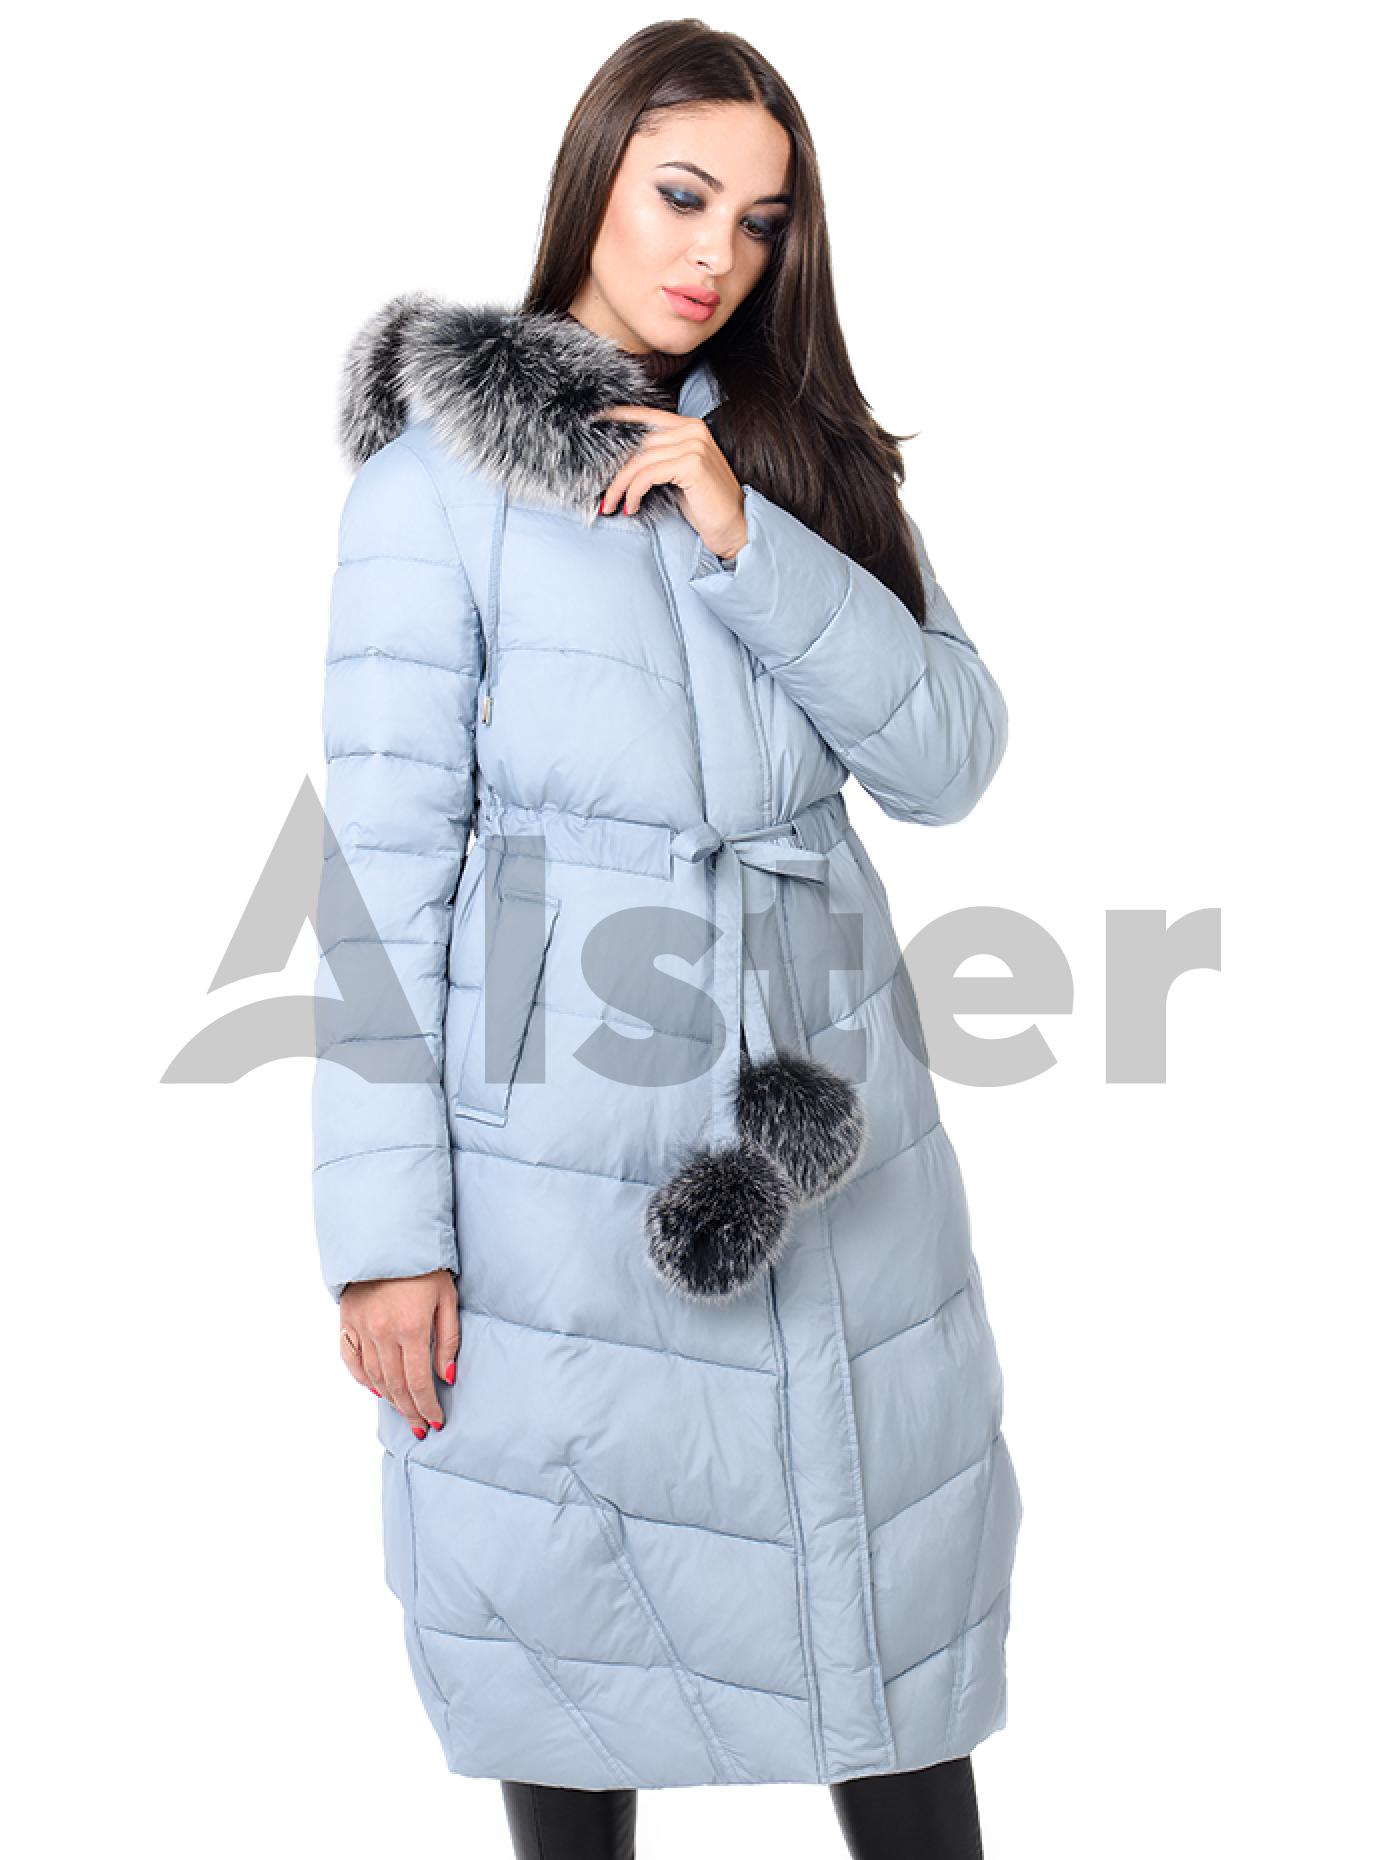 Куртка зимняя женская с мехом песца Светло-голубой L (02-CR170382): фото - Alster.ua